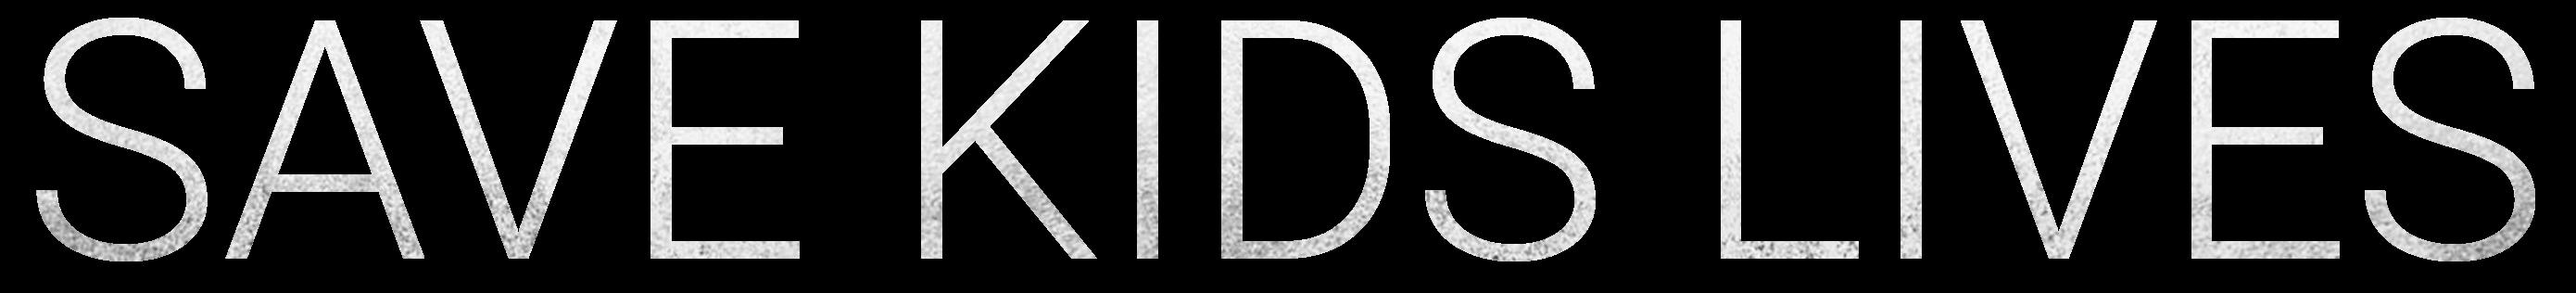 SALVEMOS LA VIDA DE LOS NIÑOS - Una película dirigida por Luc Besson - #SAVEKIDSLIVES -  Ver la película